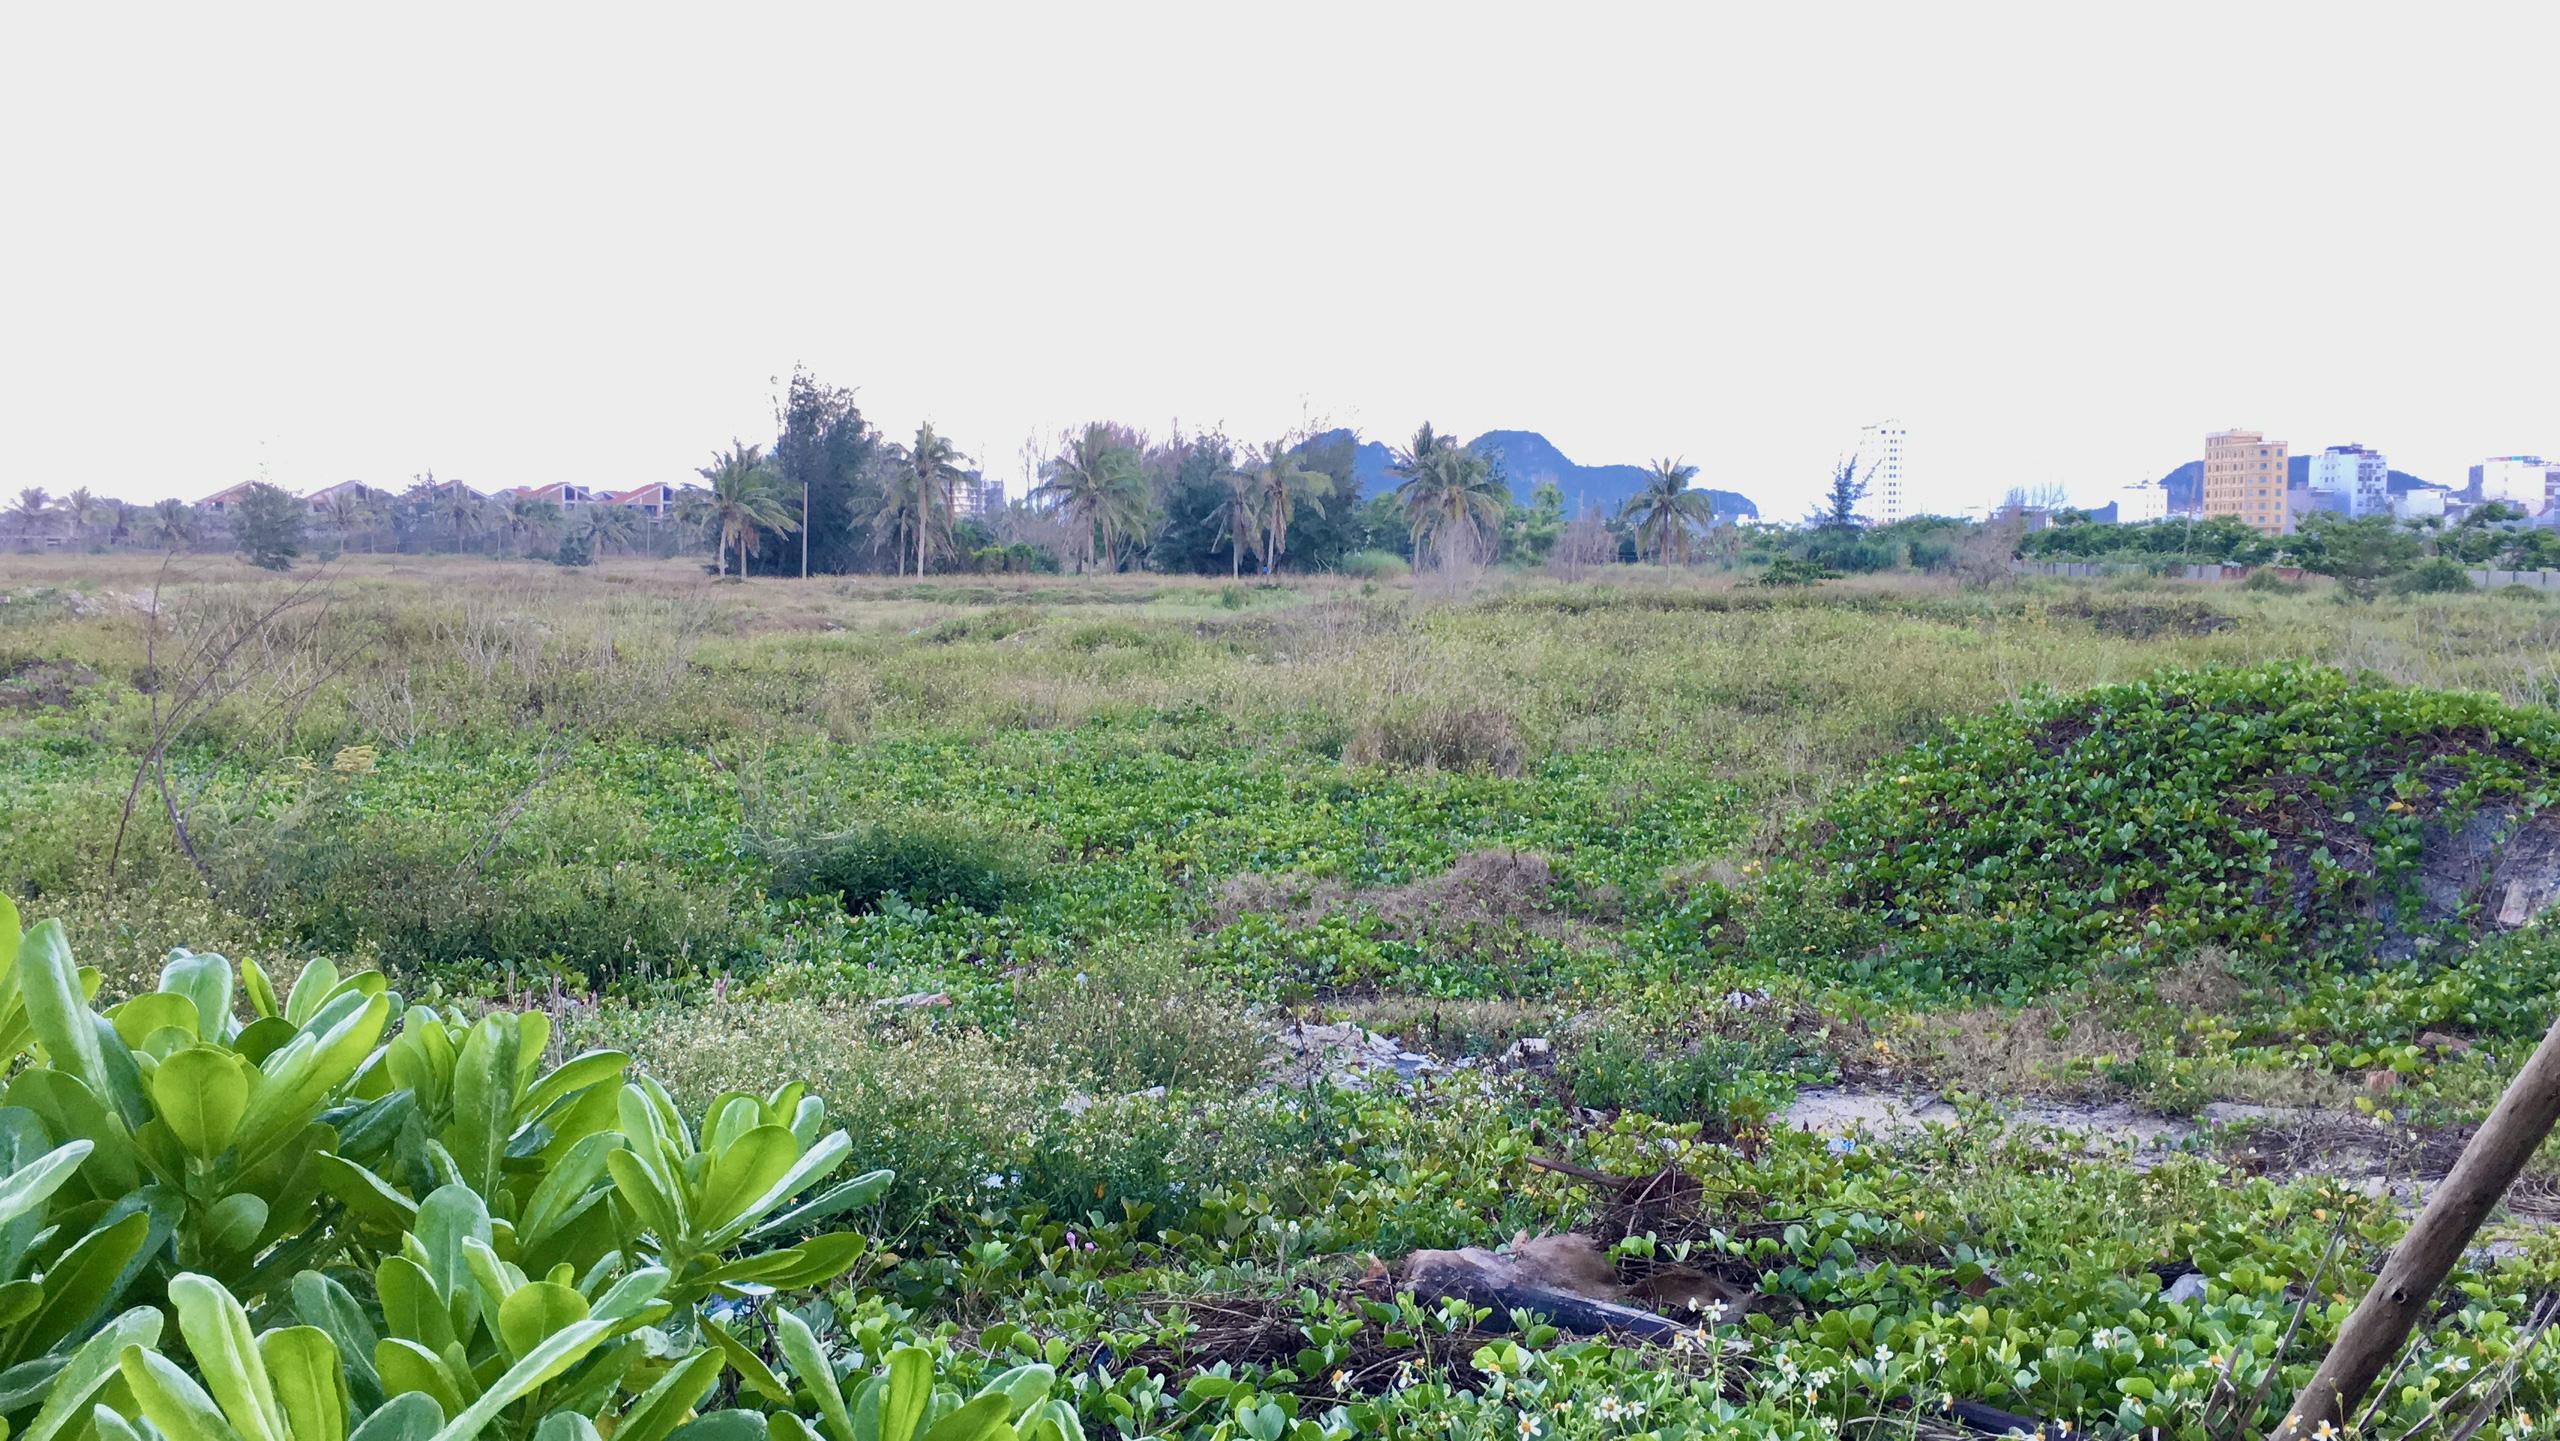 Dự án hơn 12 ha ven biển Đà Nẵng mà Công ty của vợ chồng Chủ tịch VNDirect muốn rút đầu tư hiện đang bỏ hoang - Ảnh 9.